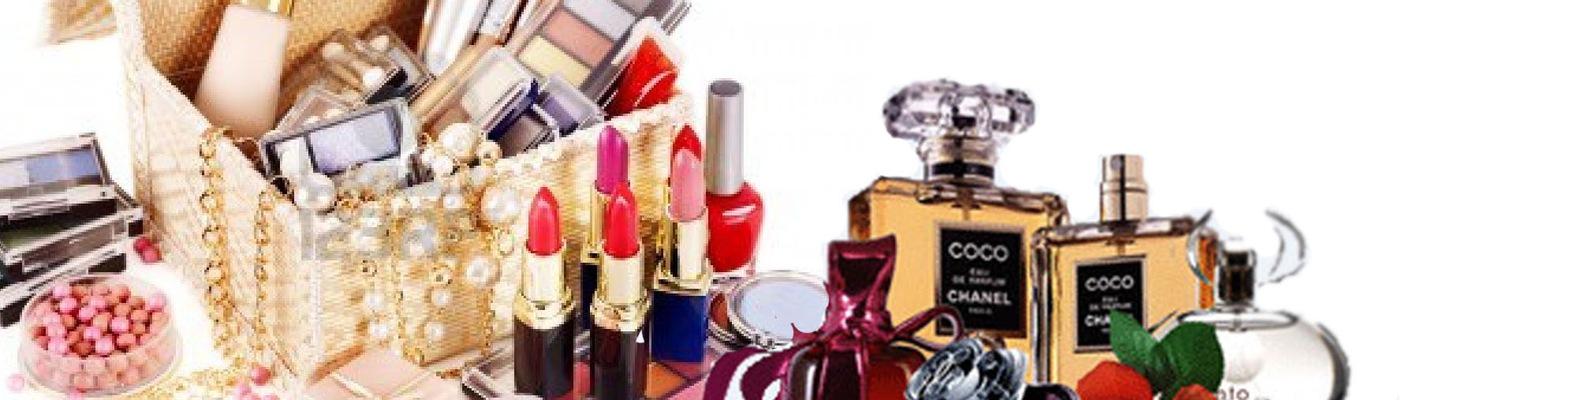 картинки косметики и парфюмерии для аватарки группы занималась